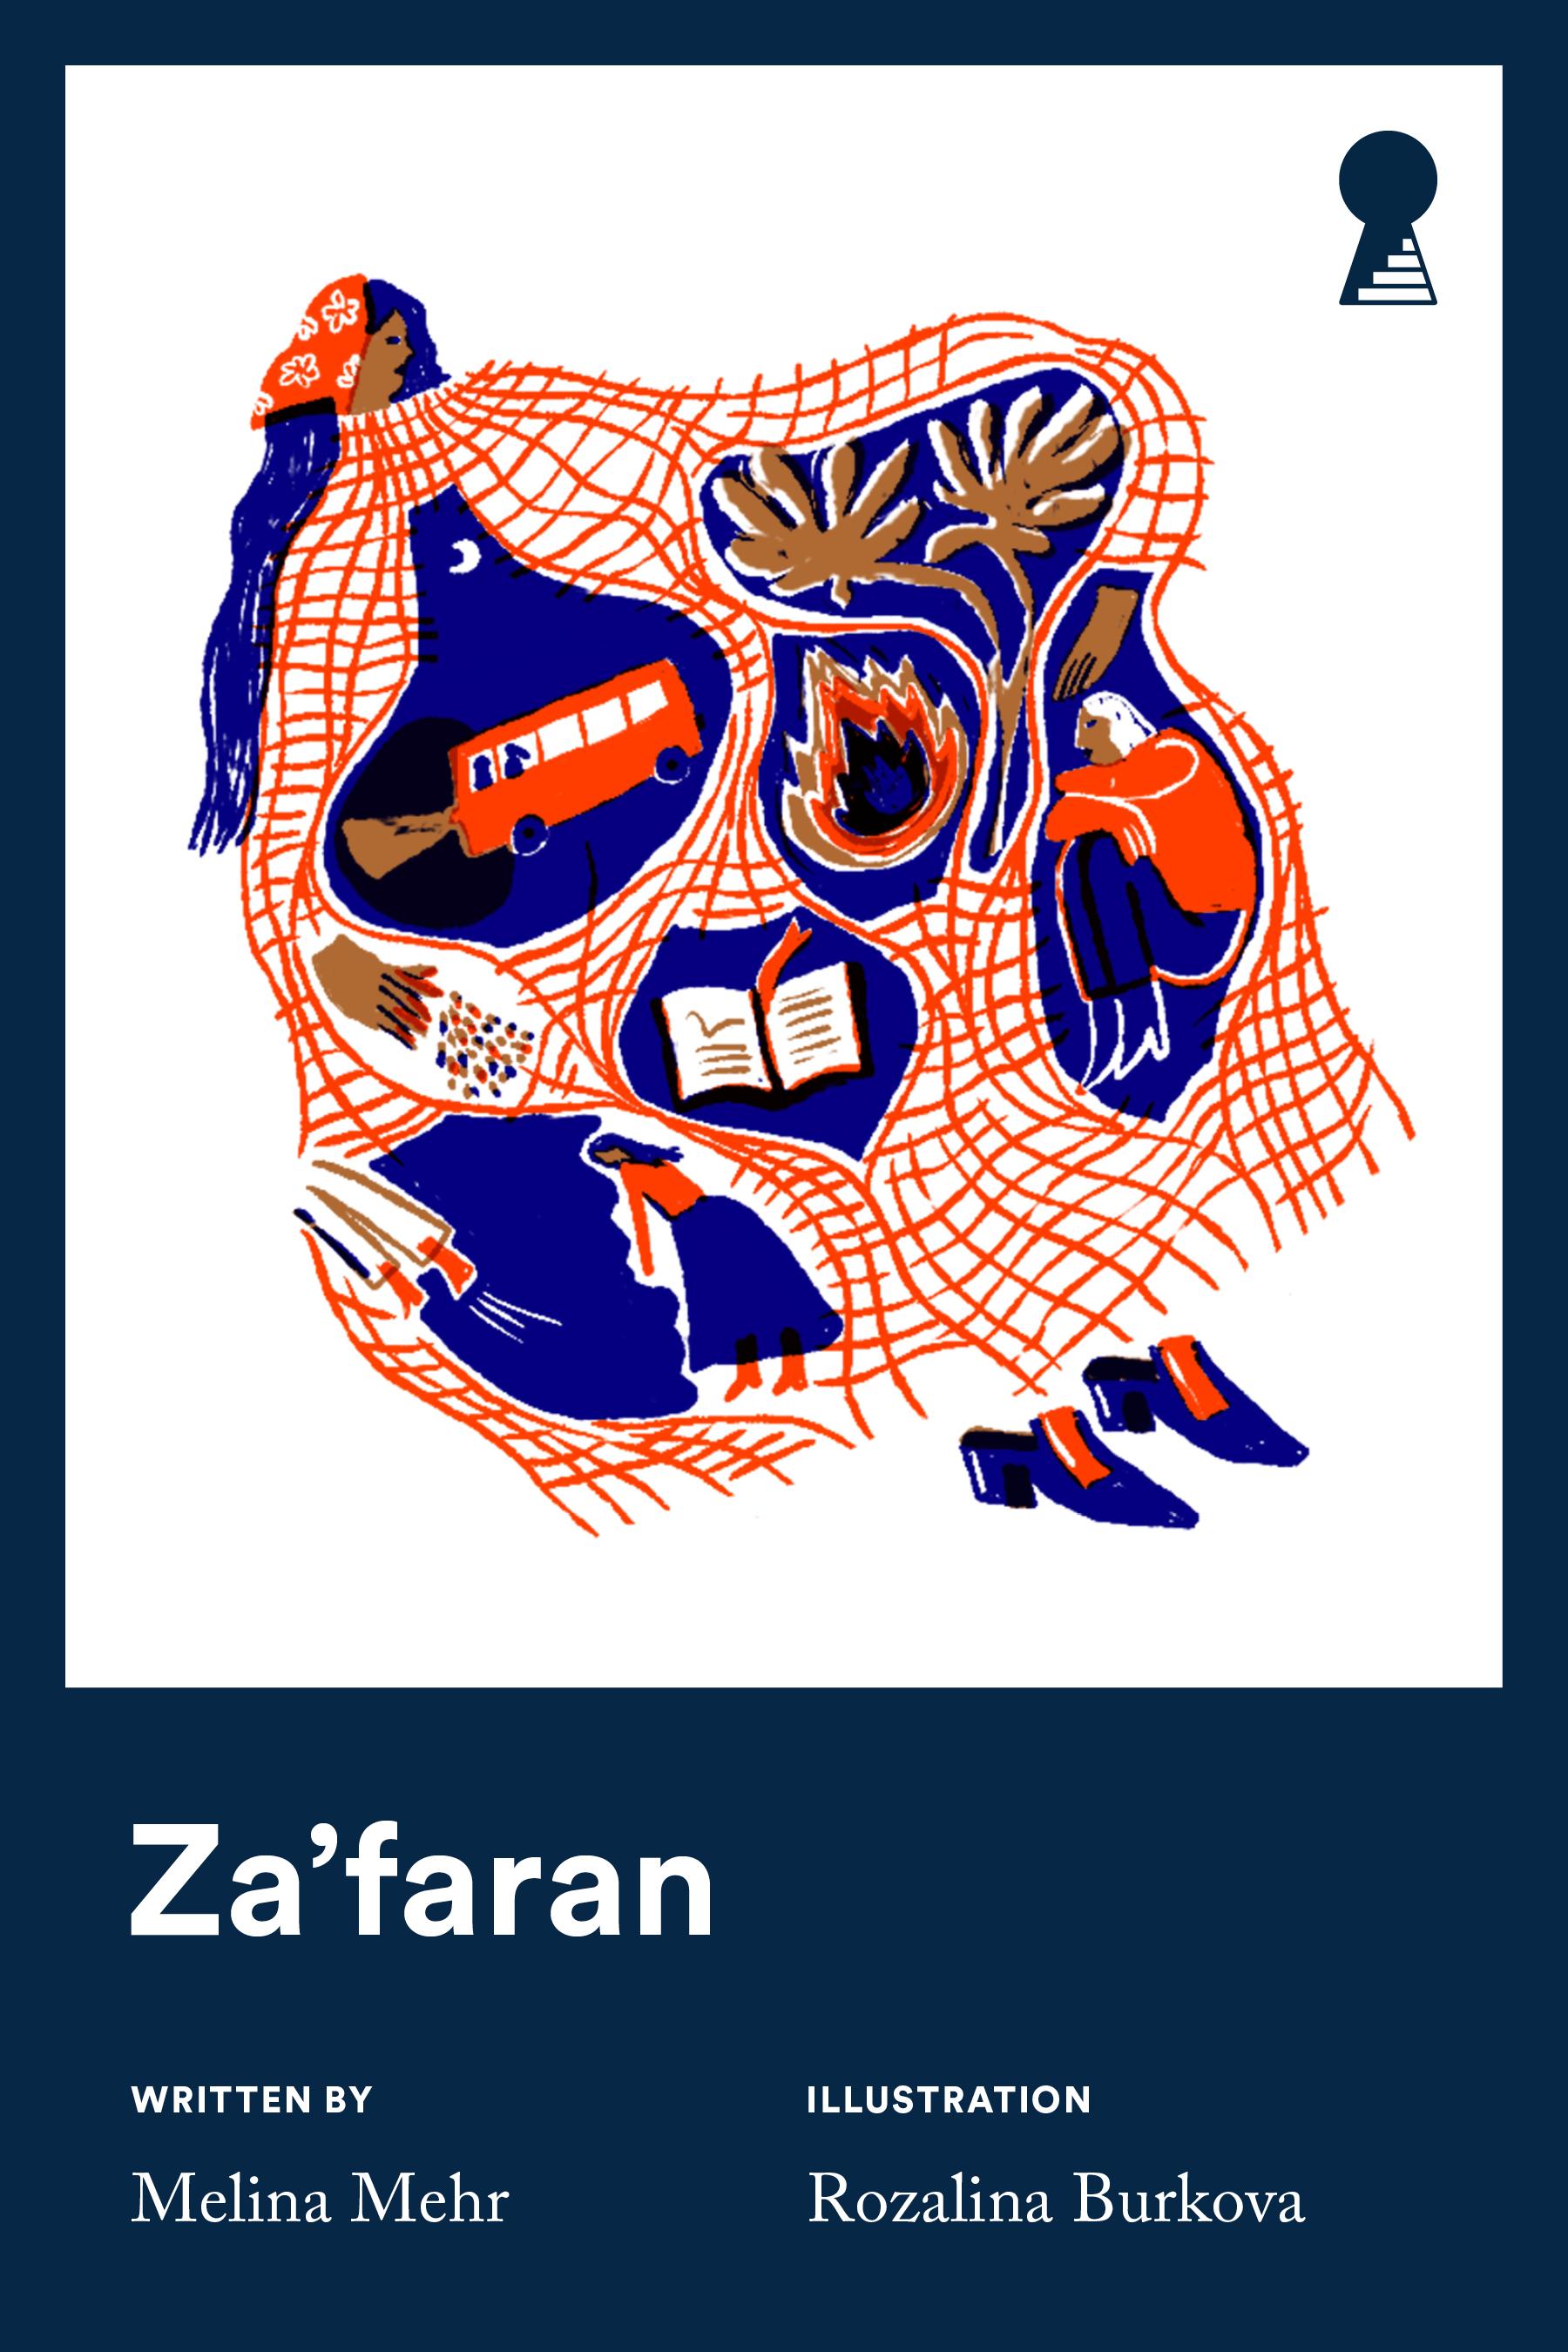 TheVault_Zafaran_DesktopCover.jpg